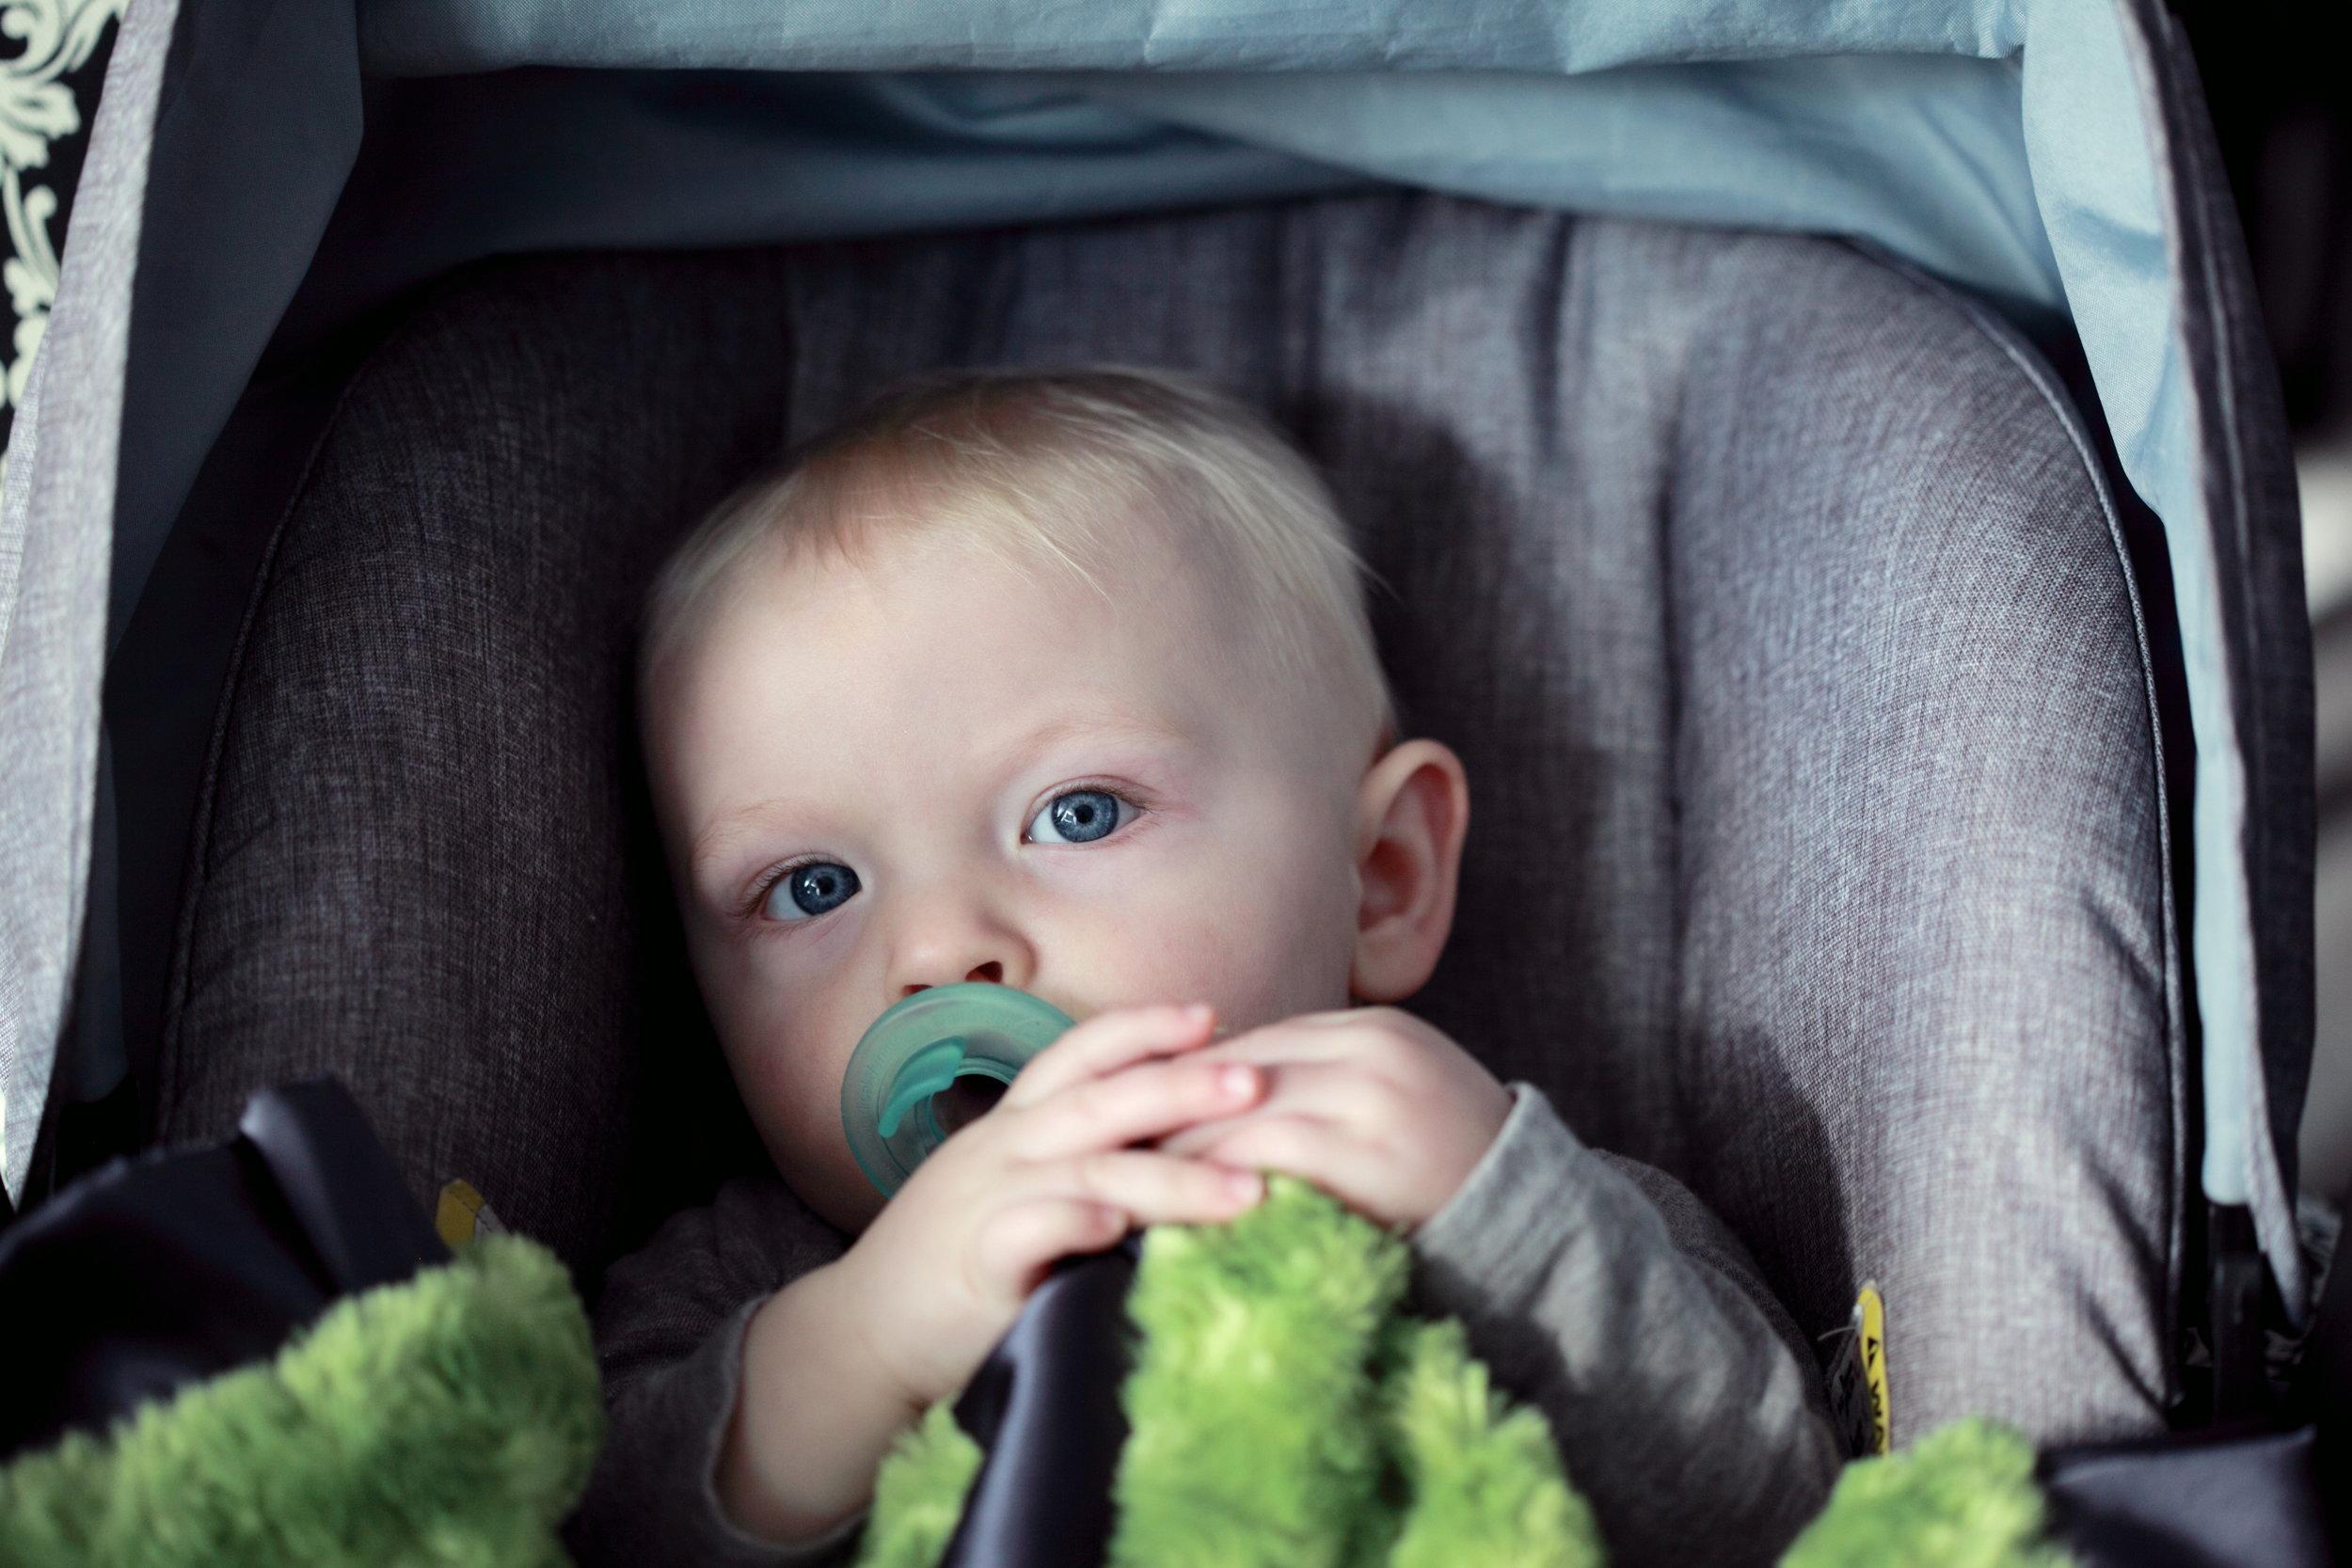 Ekstrautstyr - Trenger du barnesete, skiboks eller lignende, husk å nevne dette når du bestiller din leiebil!